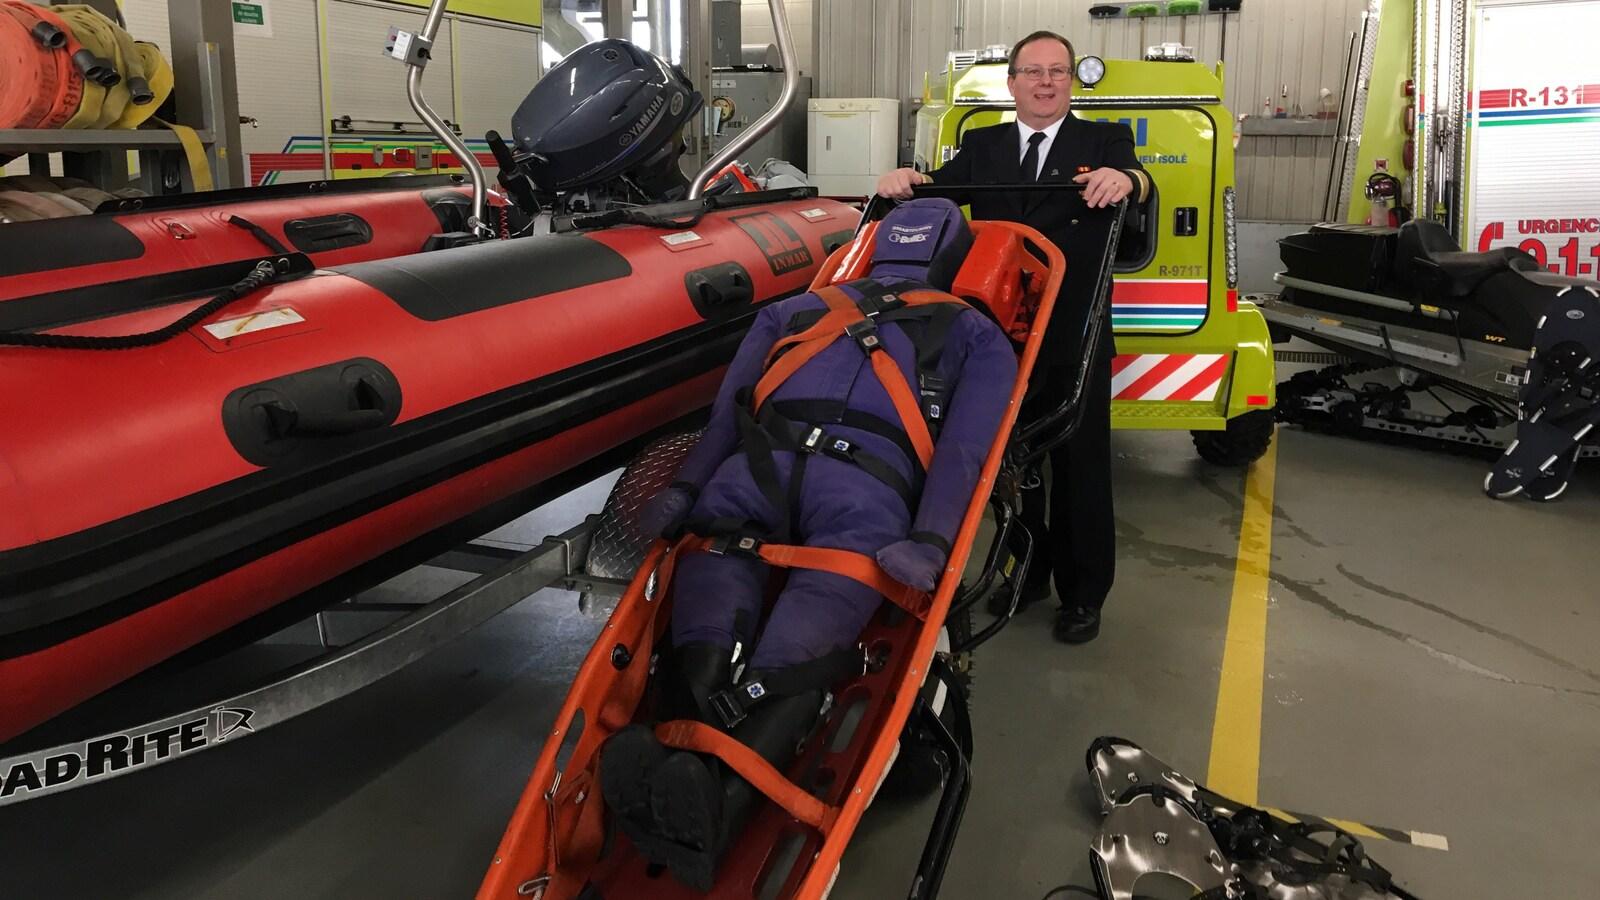 Un homme tient une civière près d'un nouveau canot pneumatique pour des interventions en zones isolées.